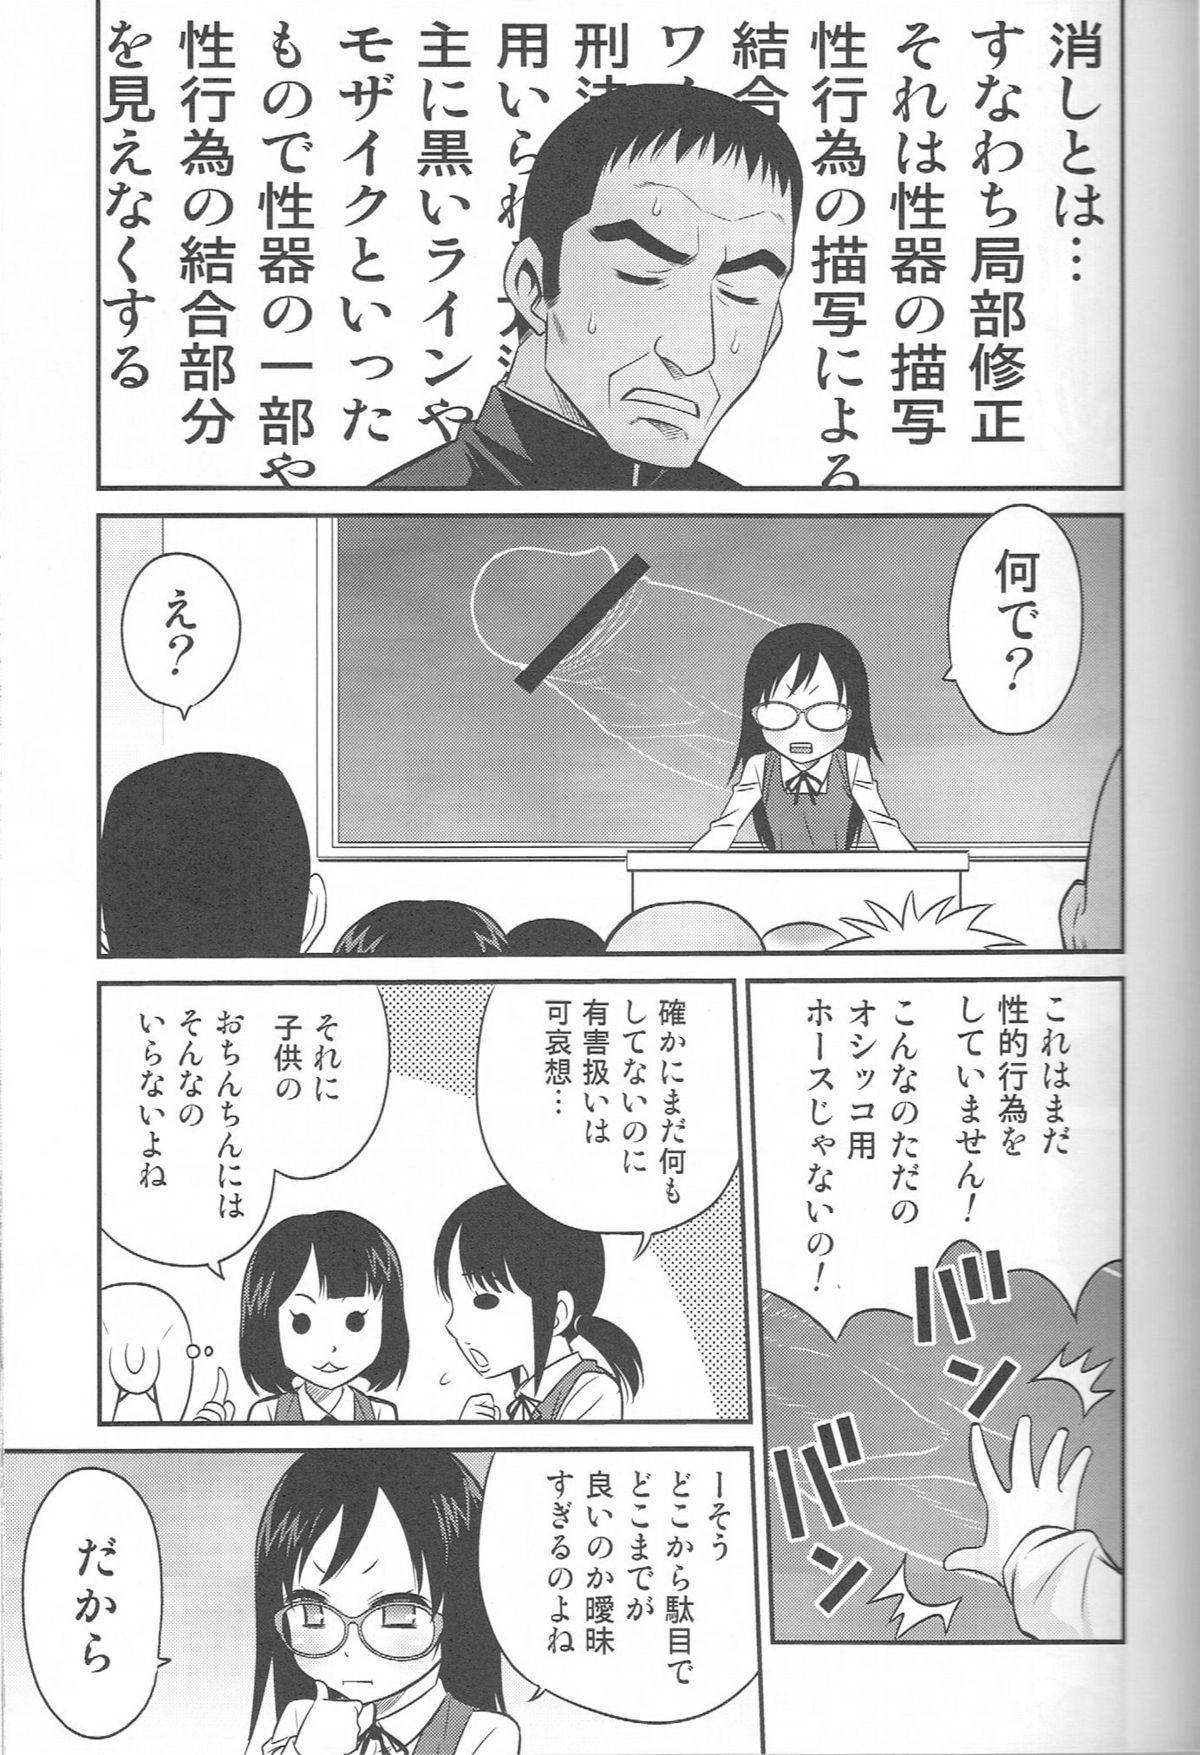 ChihoKatsu! 3